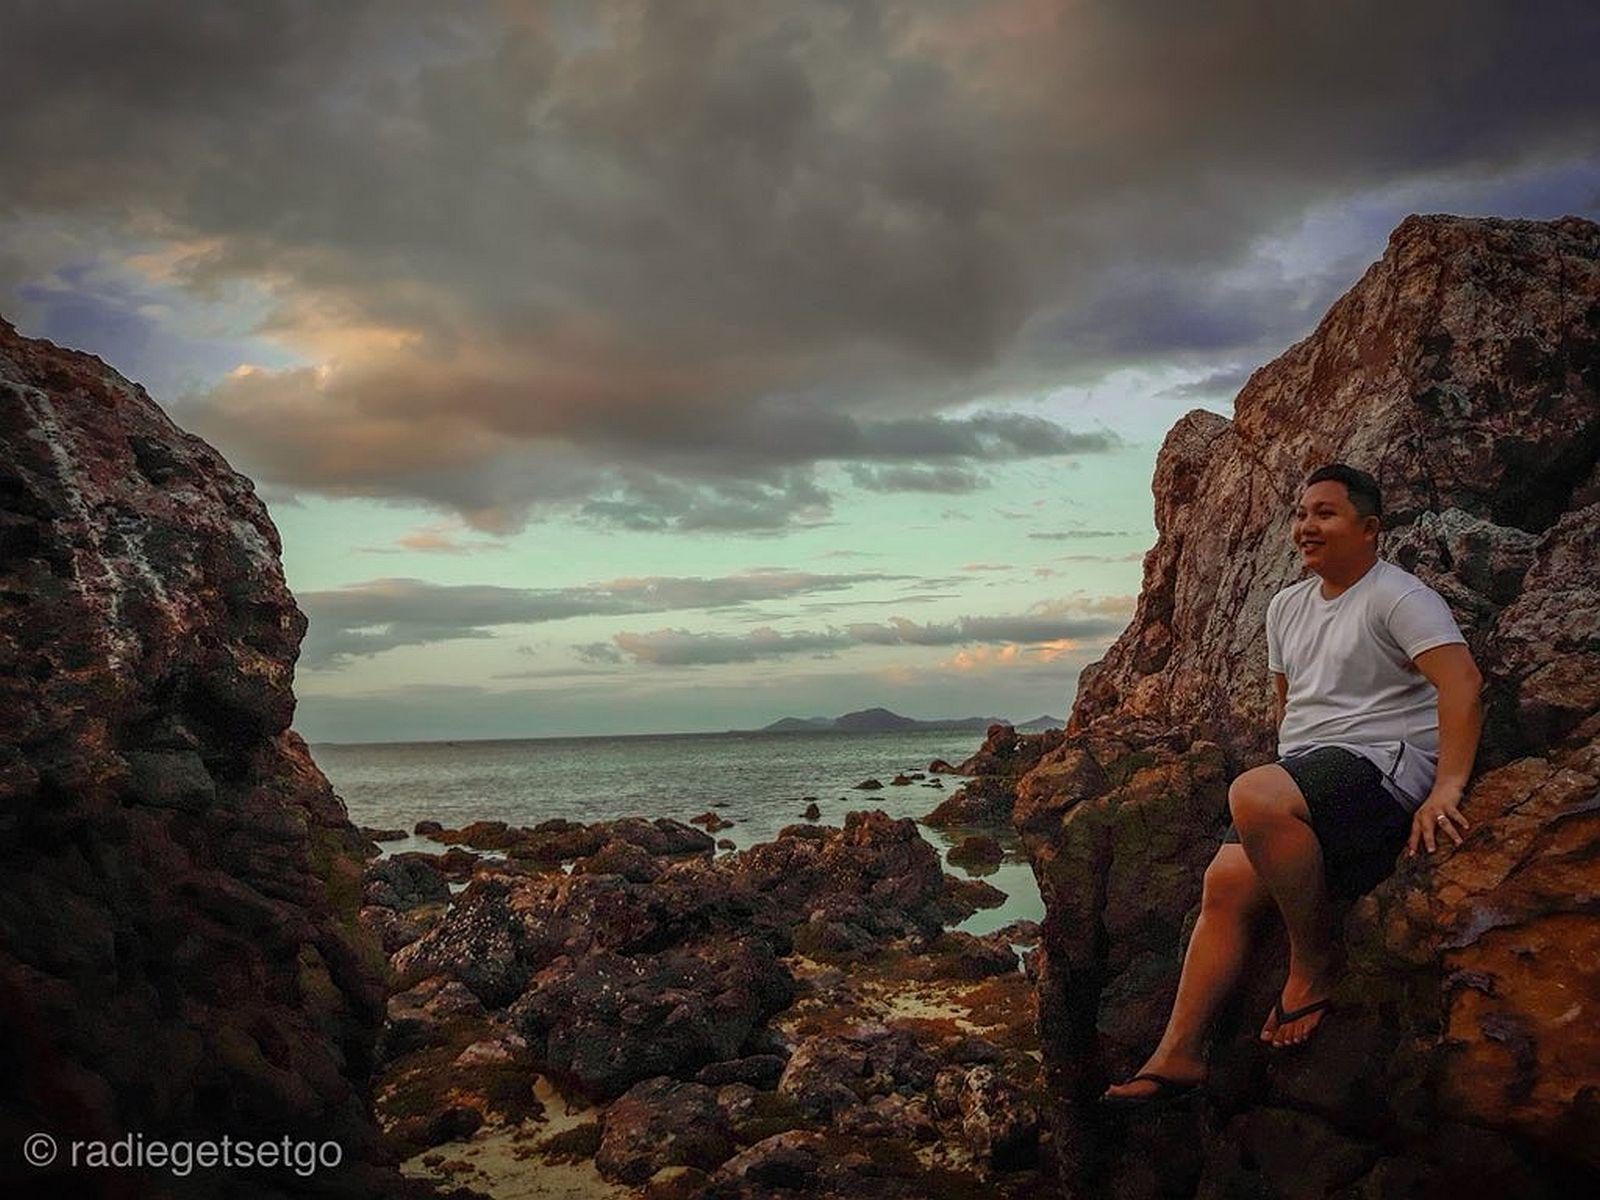 PHILIPPINEN REISEN - INSELN - INSELN DER VISAYAS -Touristische Beschreibung der Insel Sicogon